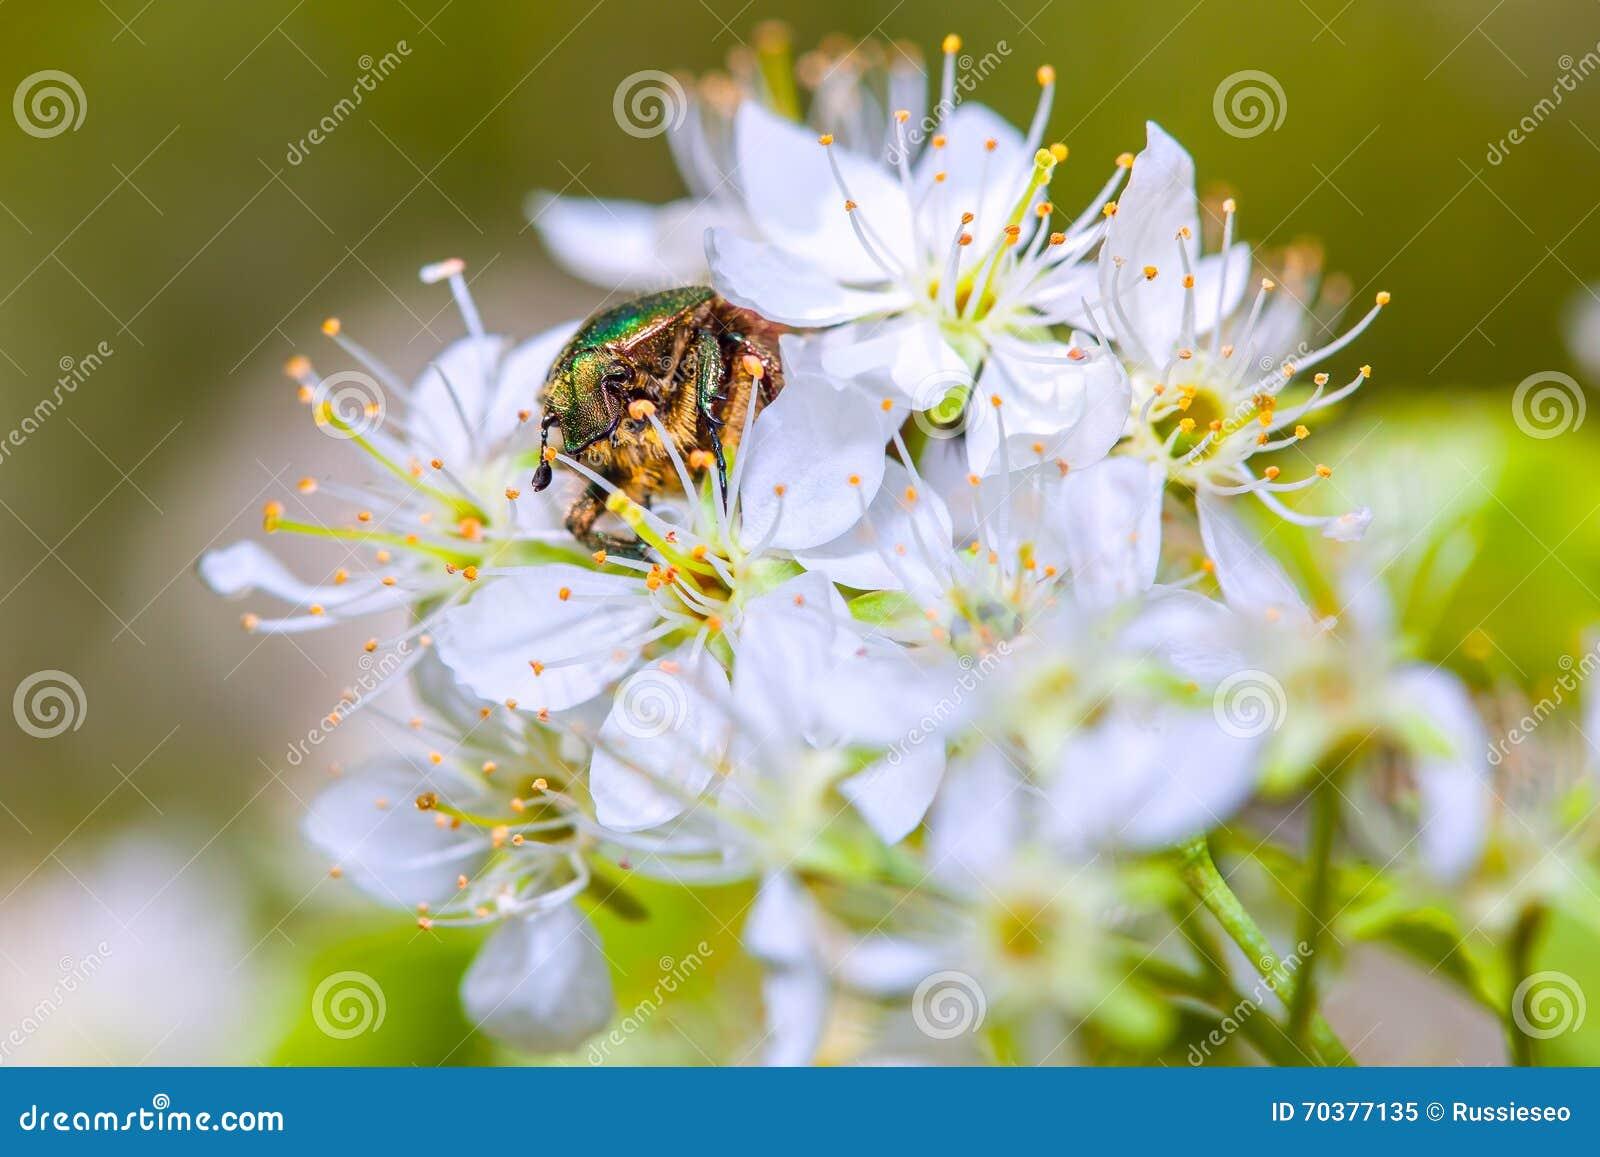 scarabée de rose chafer sur les fleurs photo stock - image: 70377135